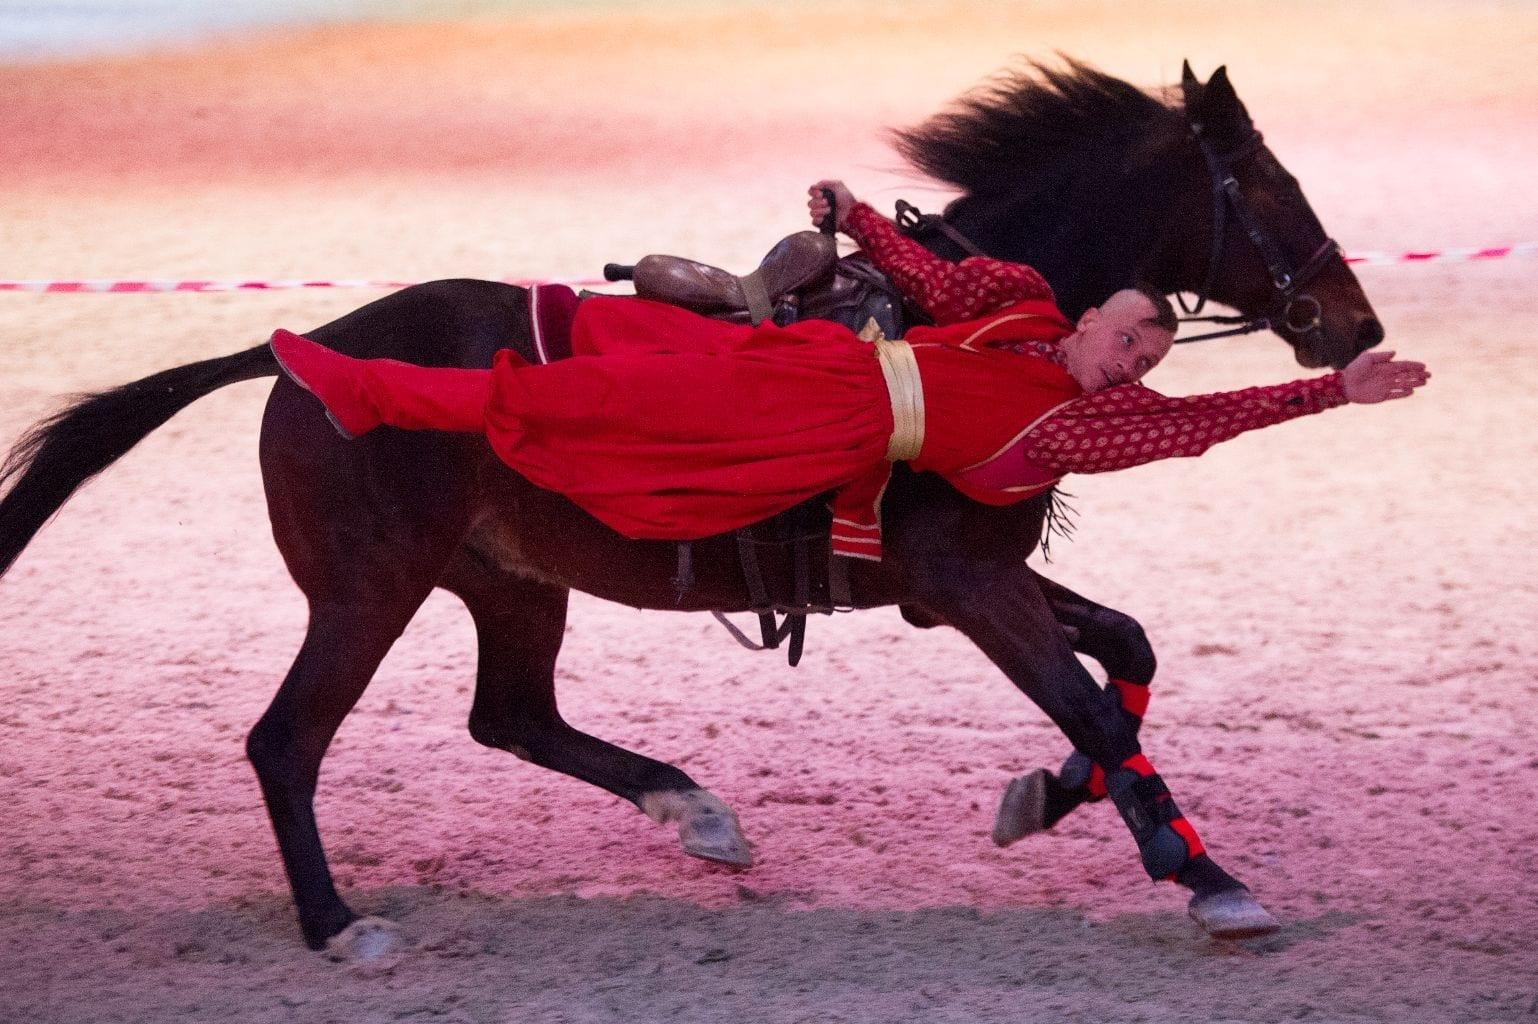 """Am Freitag, Samstag und Sonntag heißt es in der Salzburgarena traditionell """"It`s Showtime!"""" und dann begeistern zwei- und vierbeinige Weltstars die Besucher der Amadeus Horse Indoors mit spektakulären Stunts, beeindruckender Freiheitsdressur, rasanter Fahrkunst oder nie dagewesenen Kunststücken. © Nini Schäbel"""